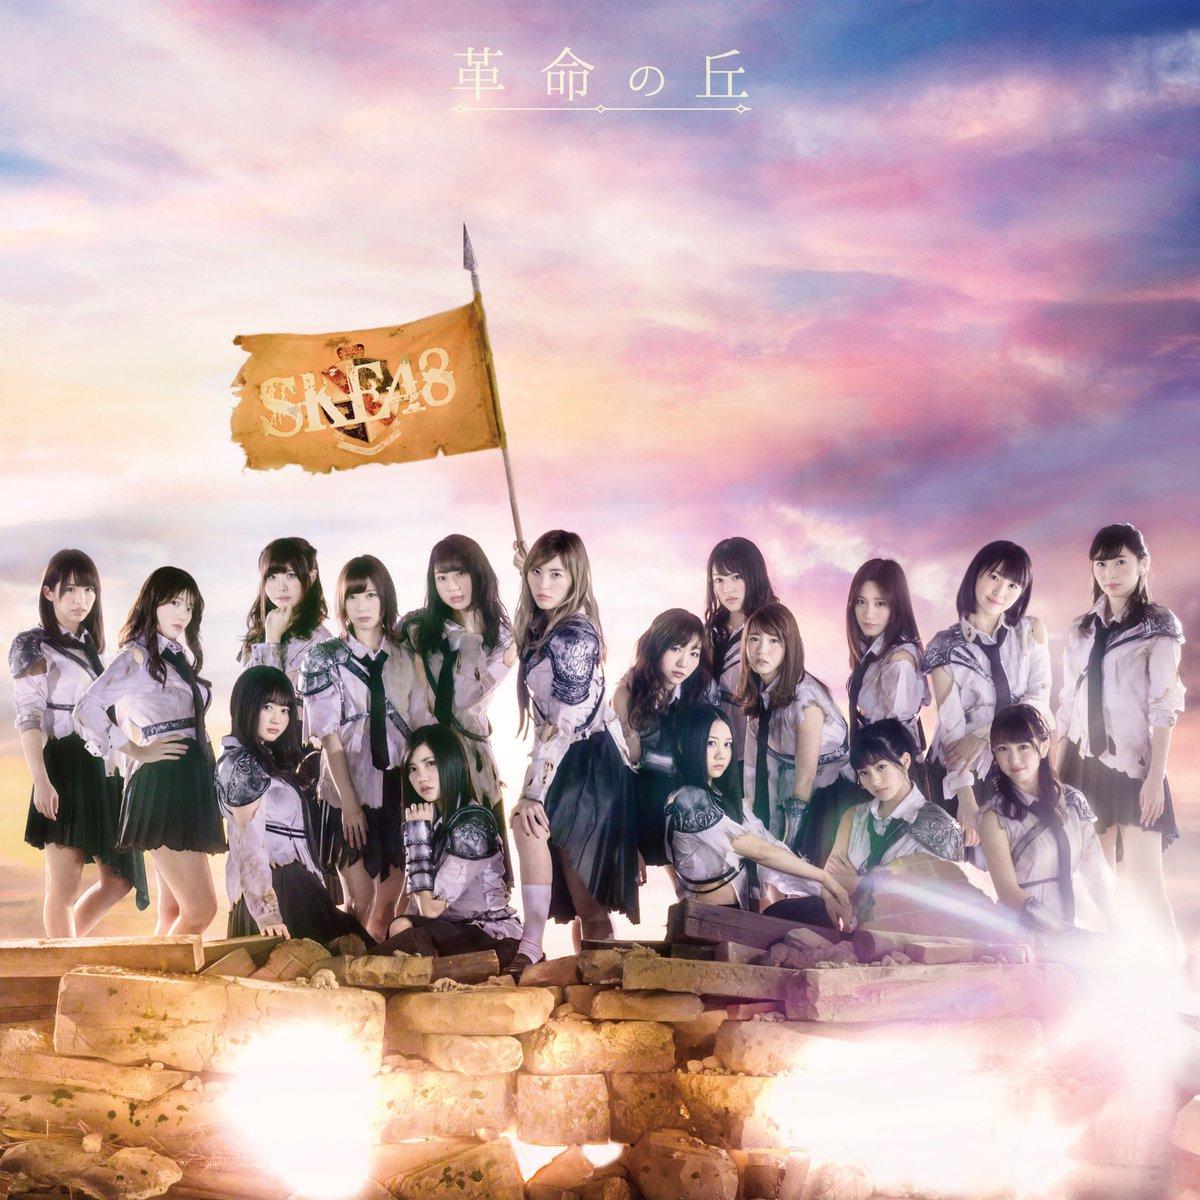 【ご案内】 2月22日発売、SKE48 2ndアルバム「#革命の丘」のDisc 1の収録内容を、先ほ…